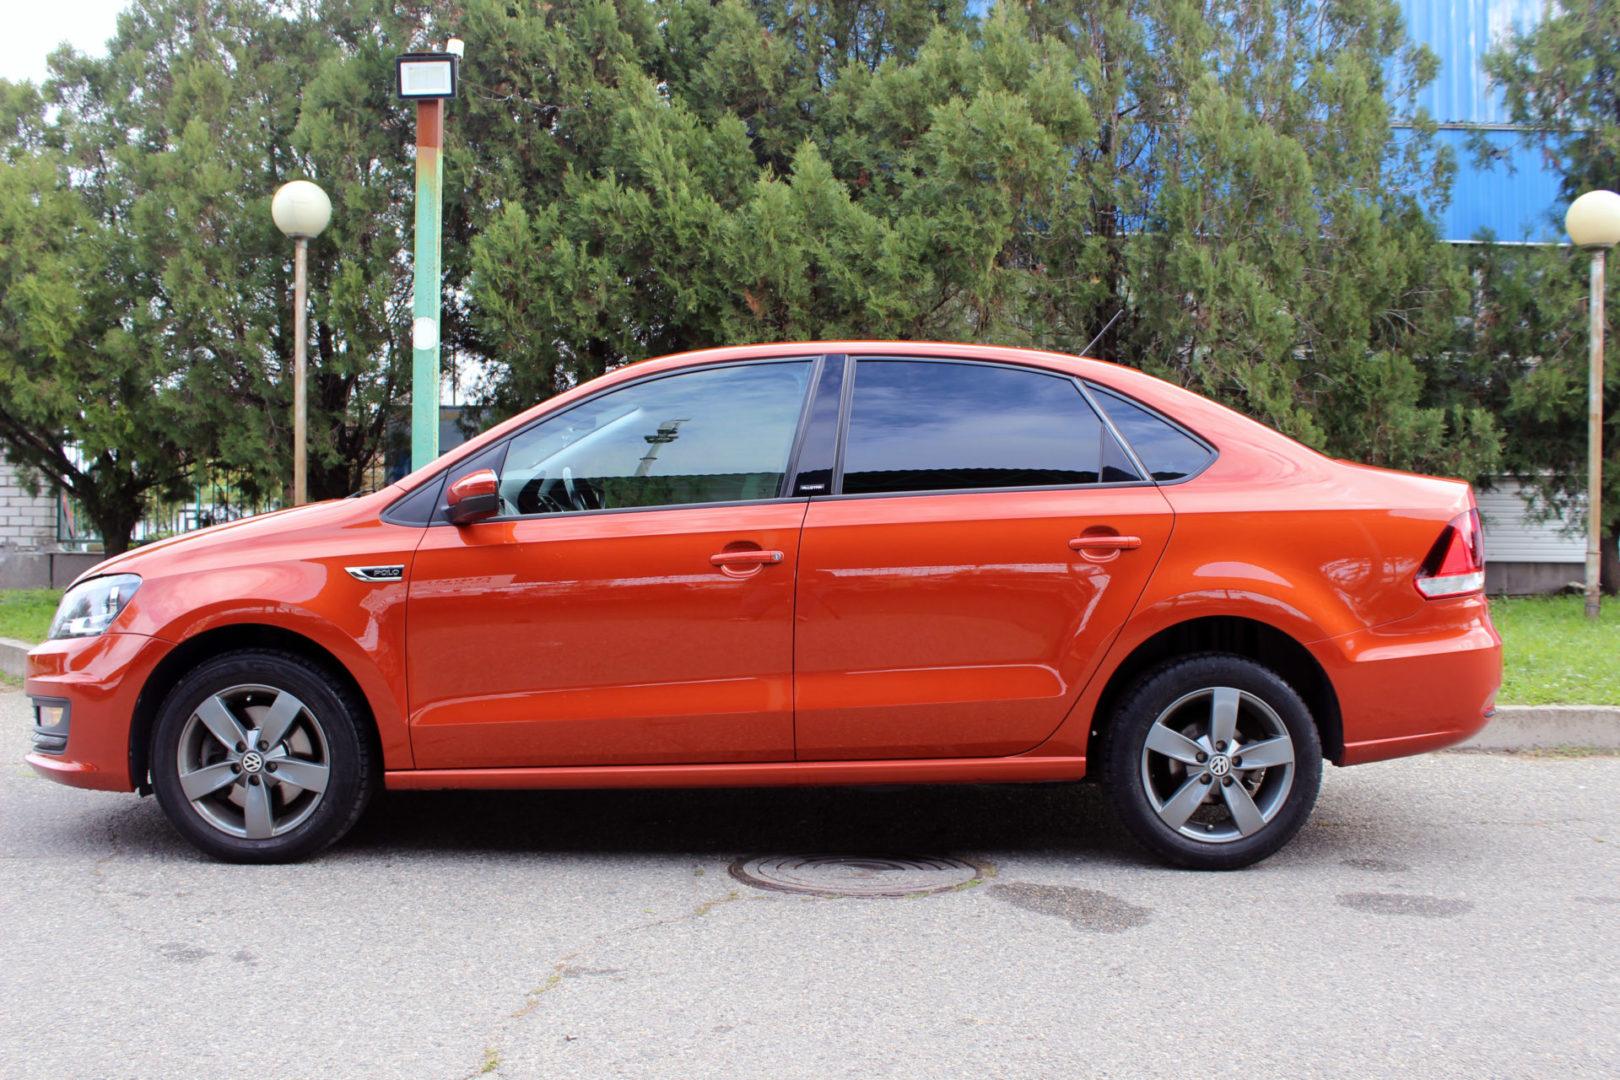 Купить Volkswagen Polo (Оранжевый) - Автопарк Ставрополь